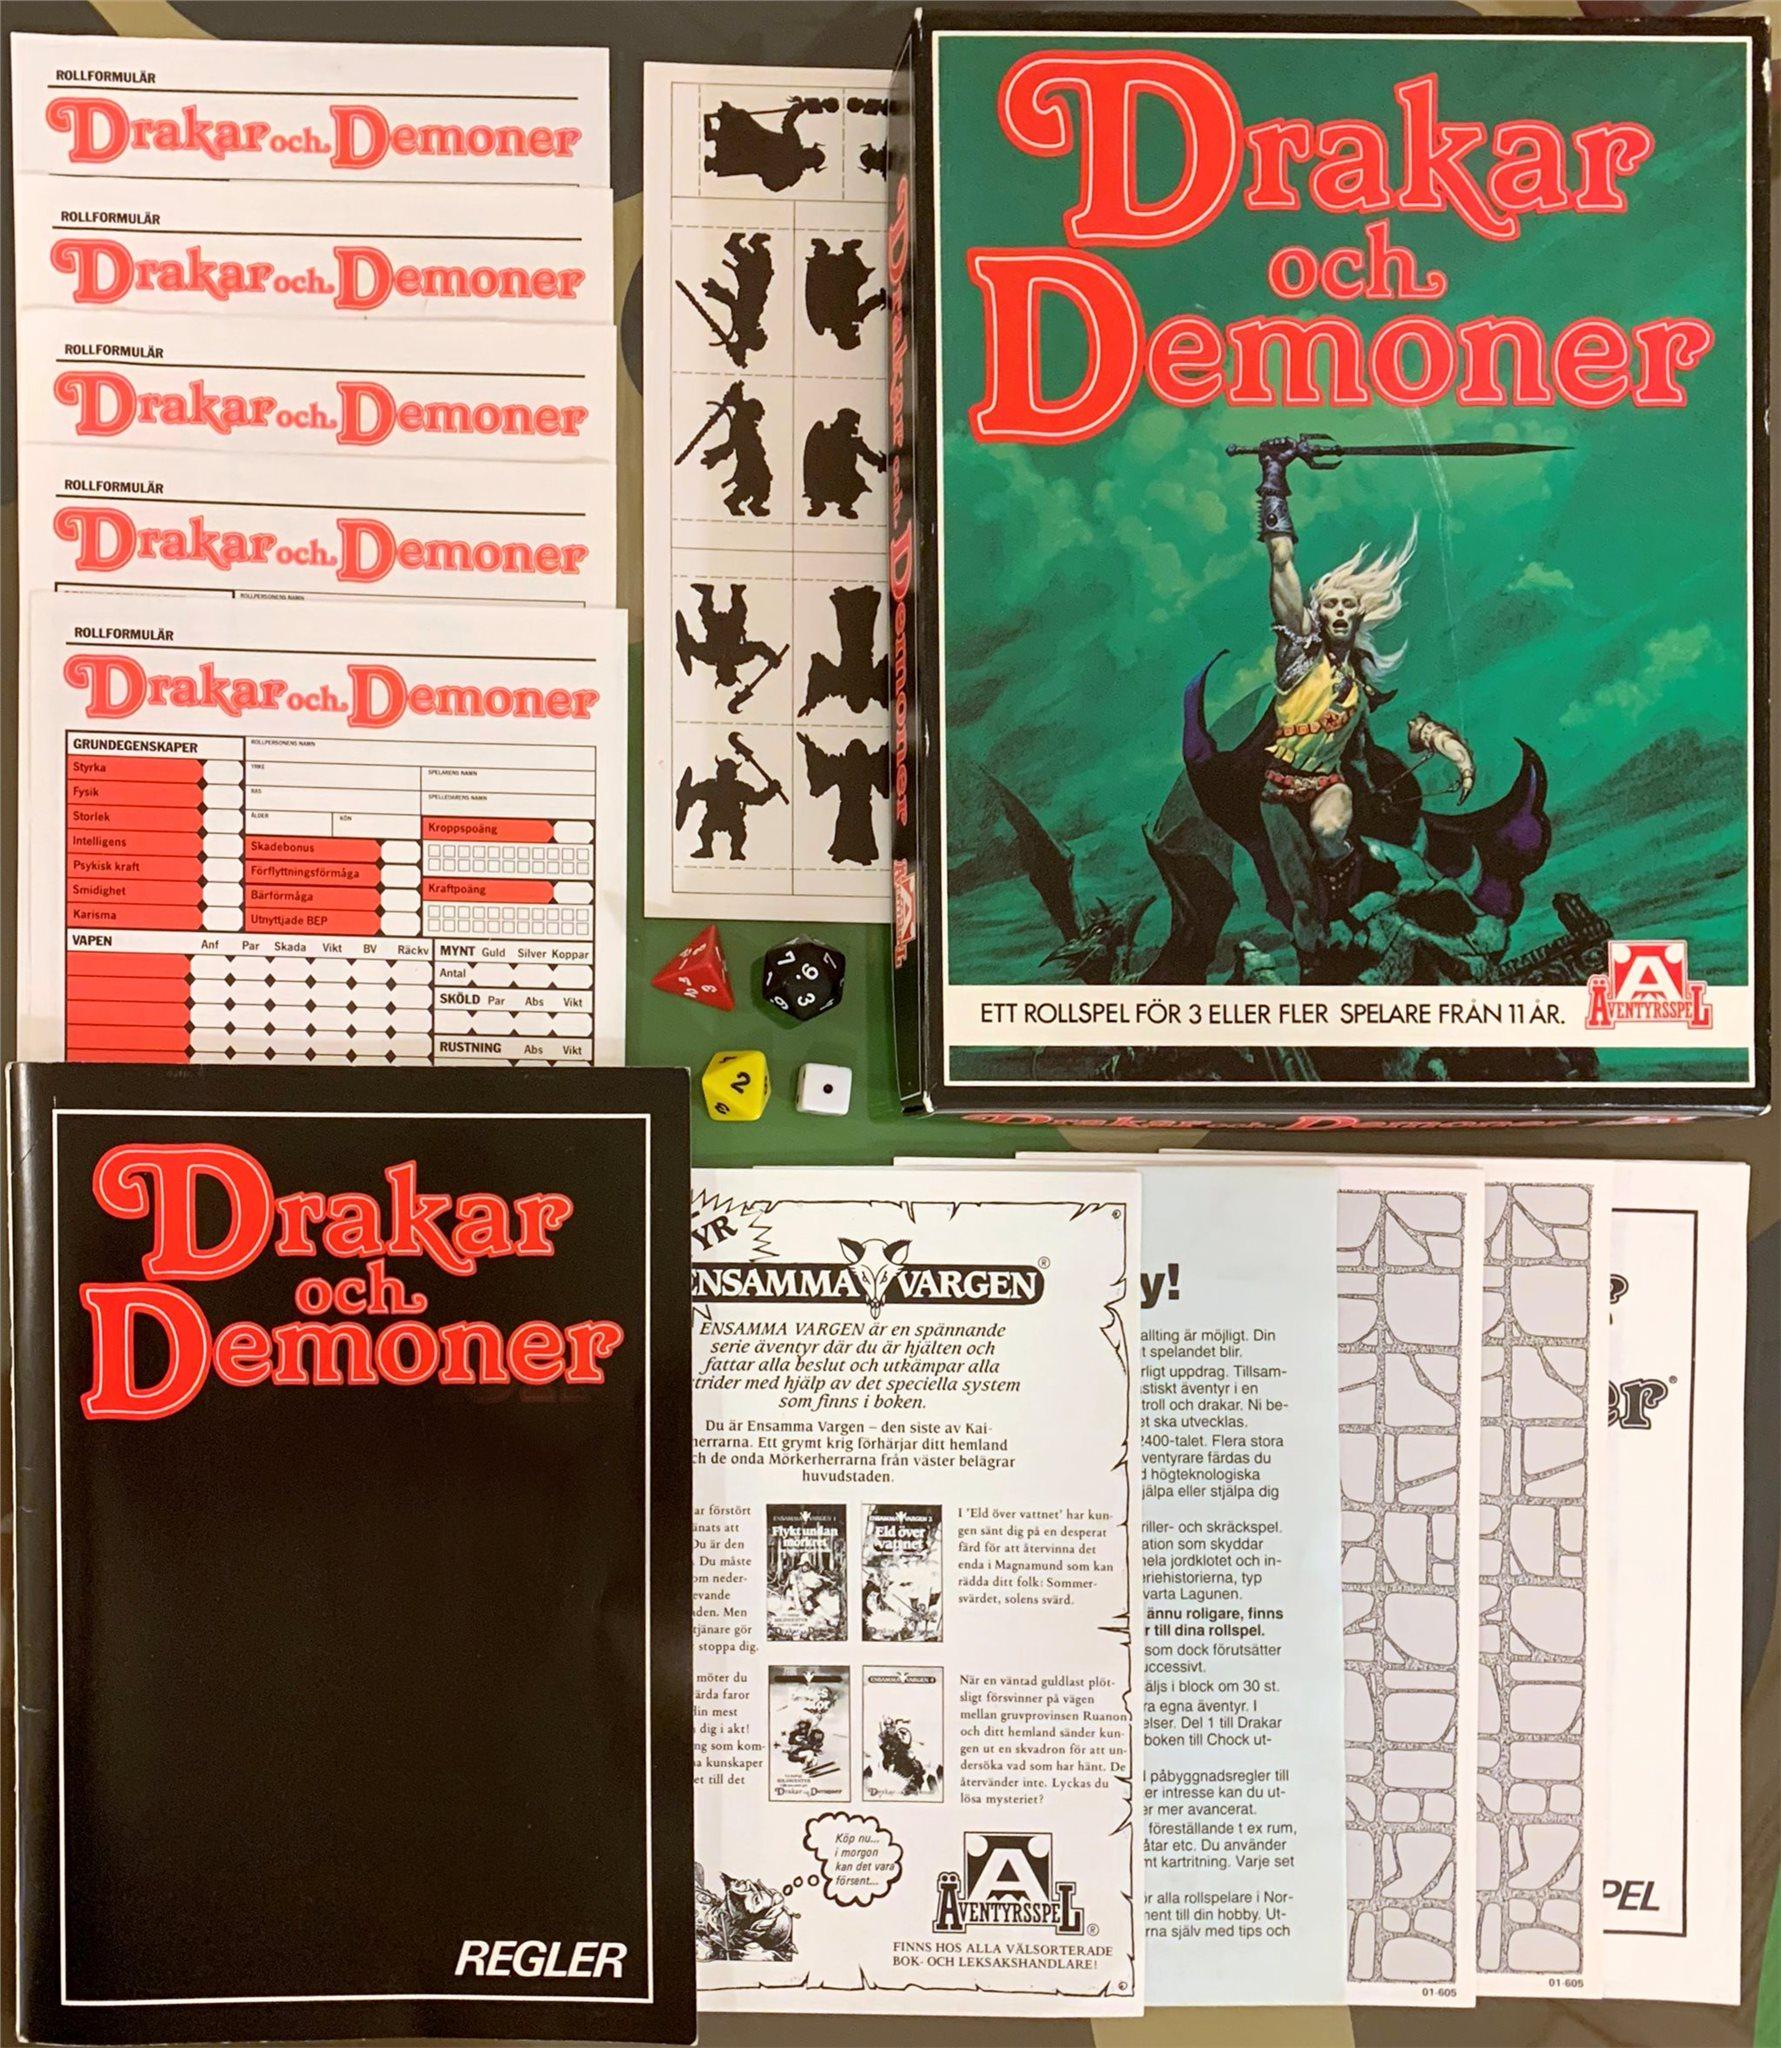 Drakar och Demoner (1985) i toppskick